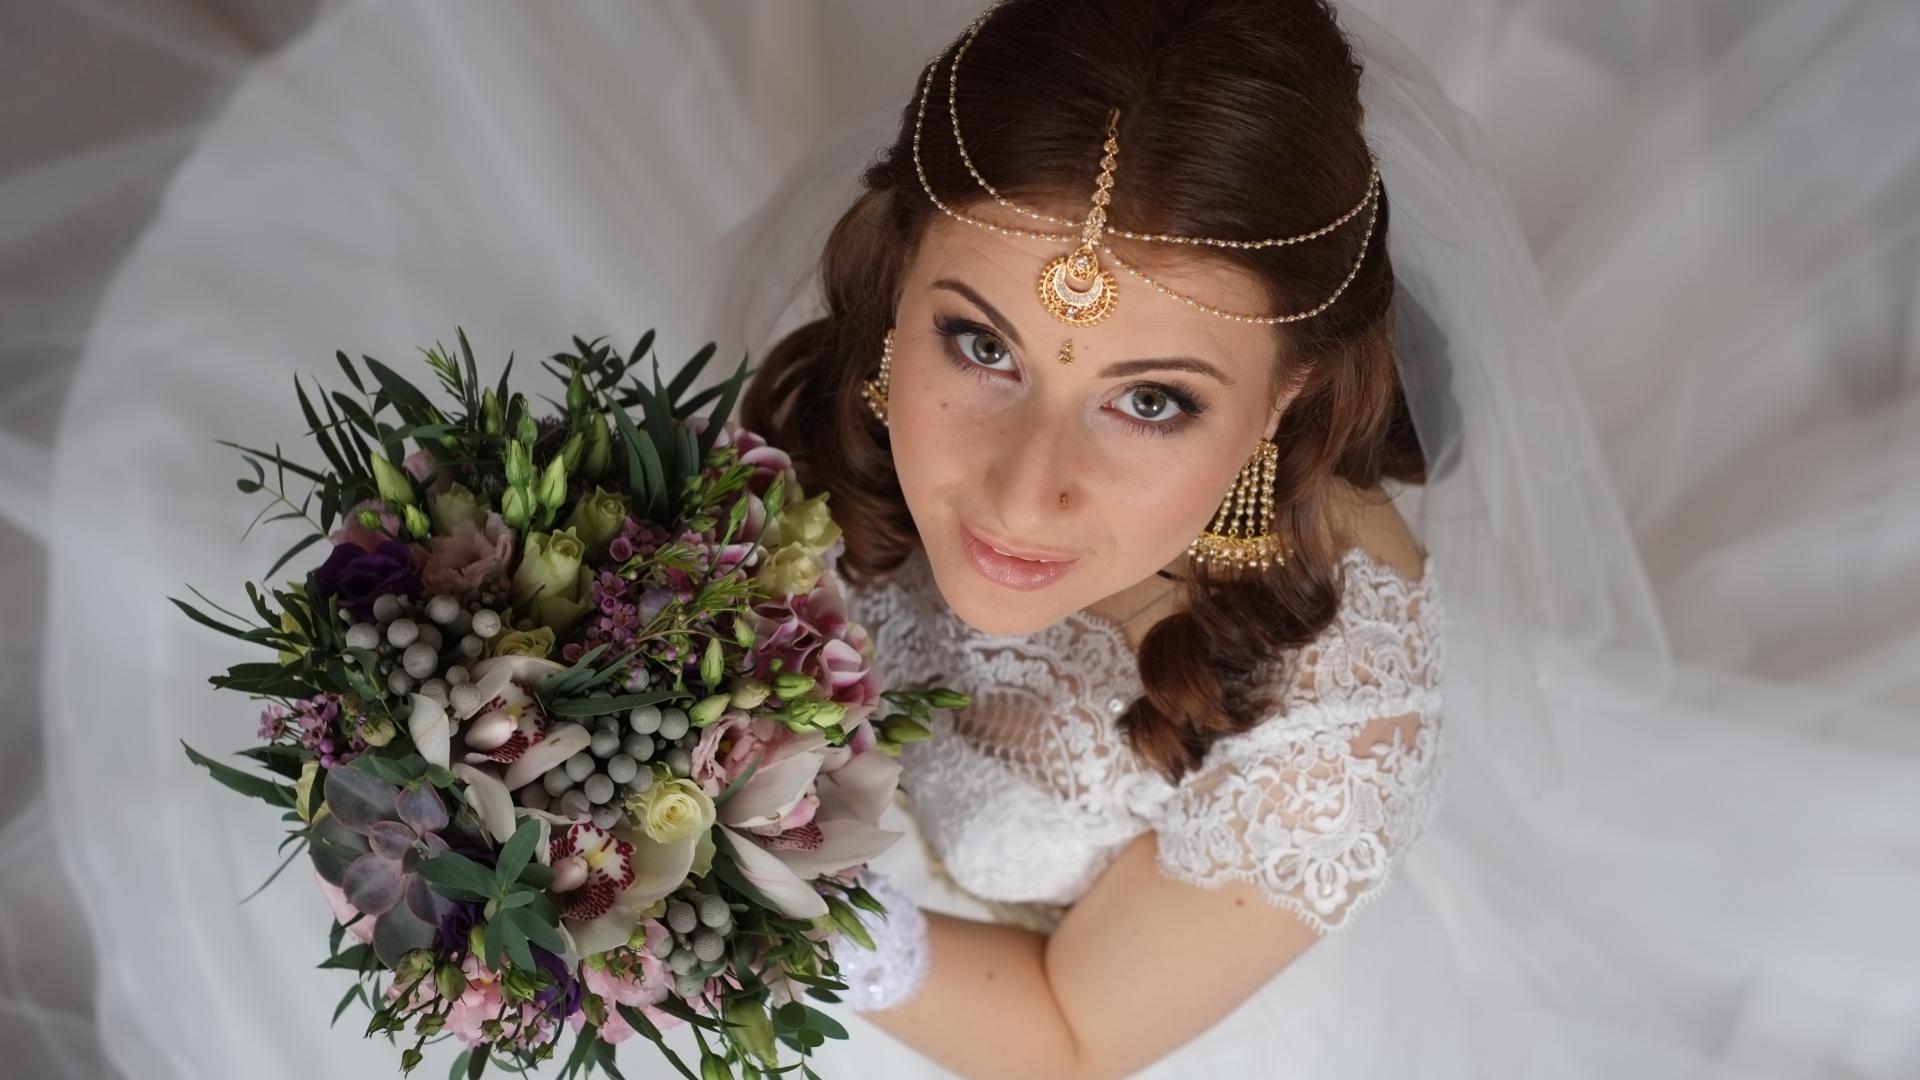 Peinados de novias - 1920x1080